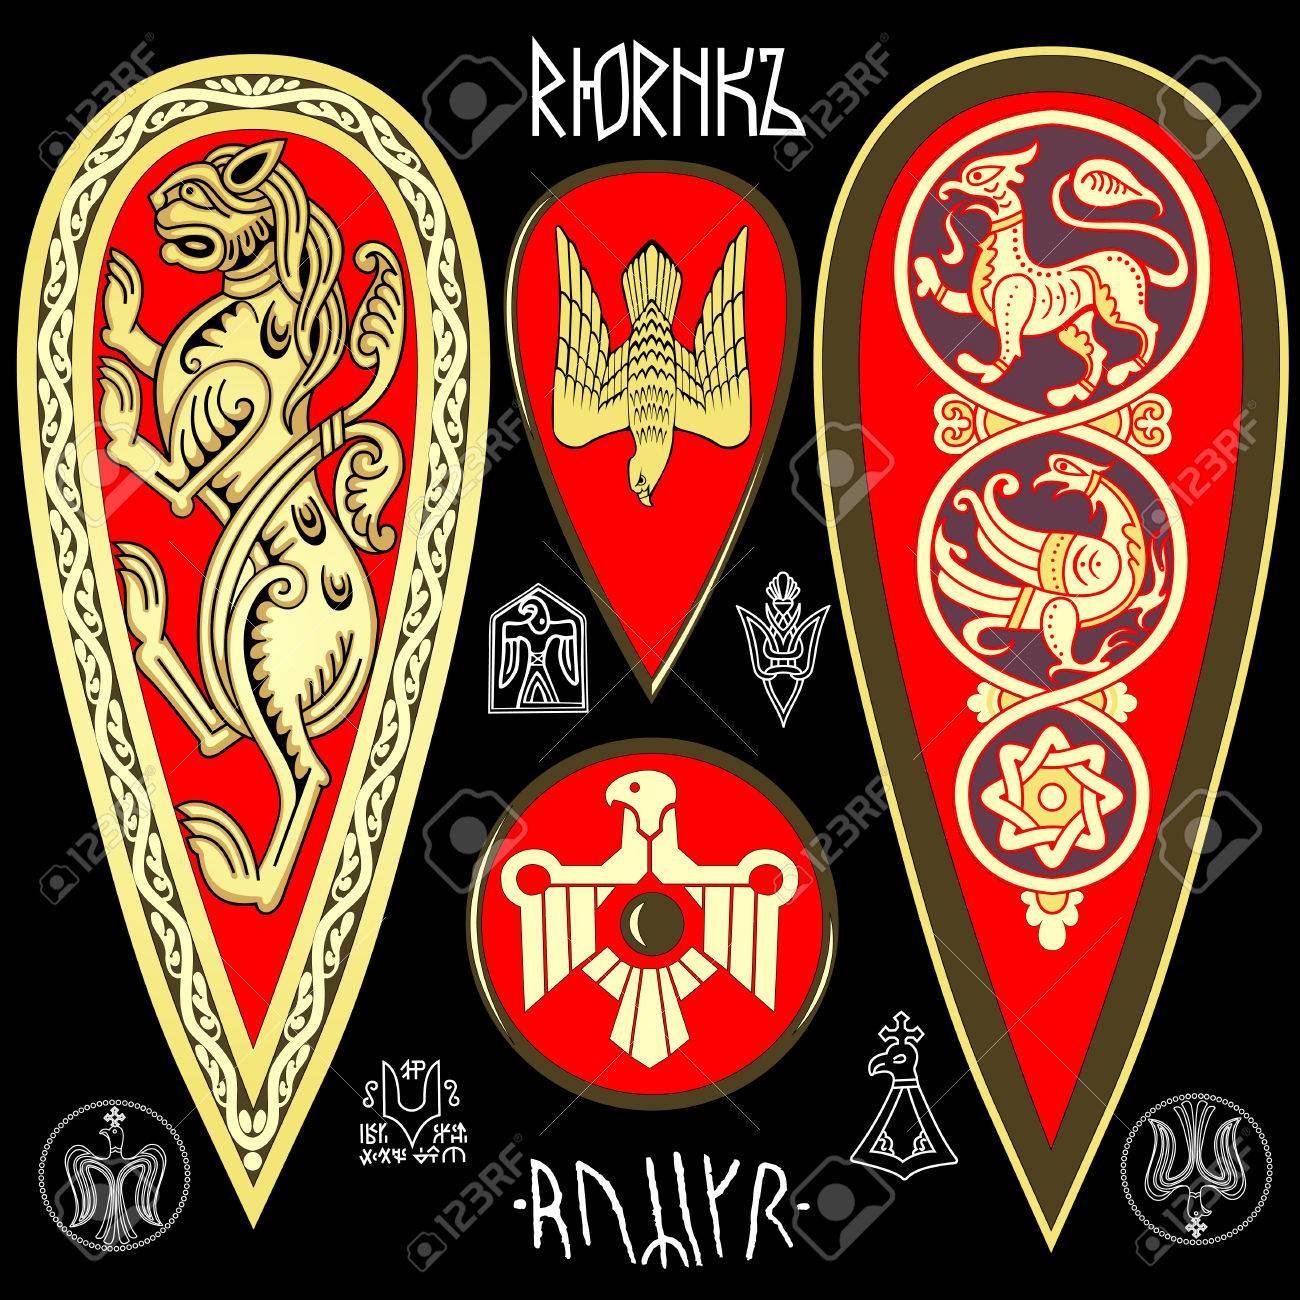 King Rurik symbolics set - 69356764